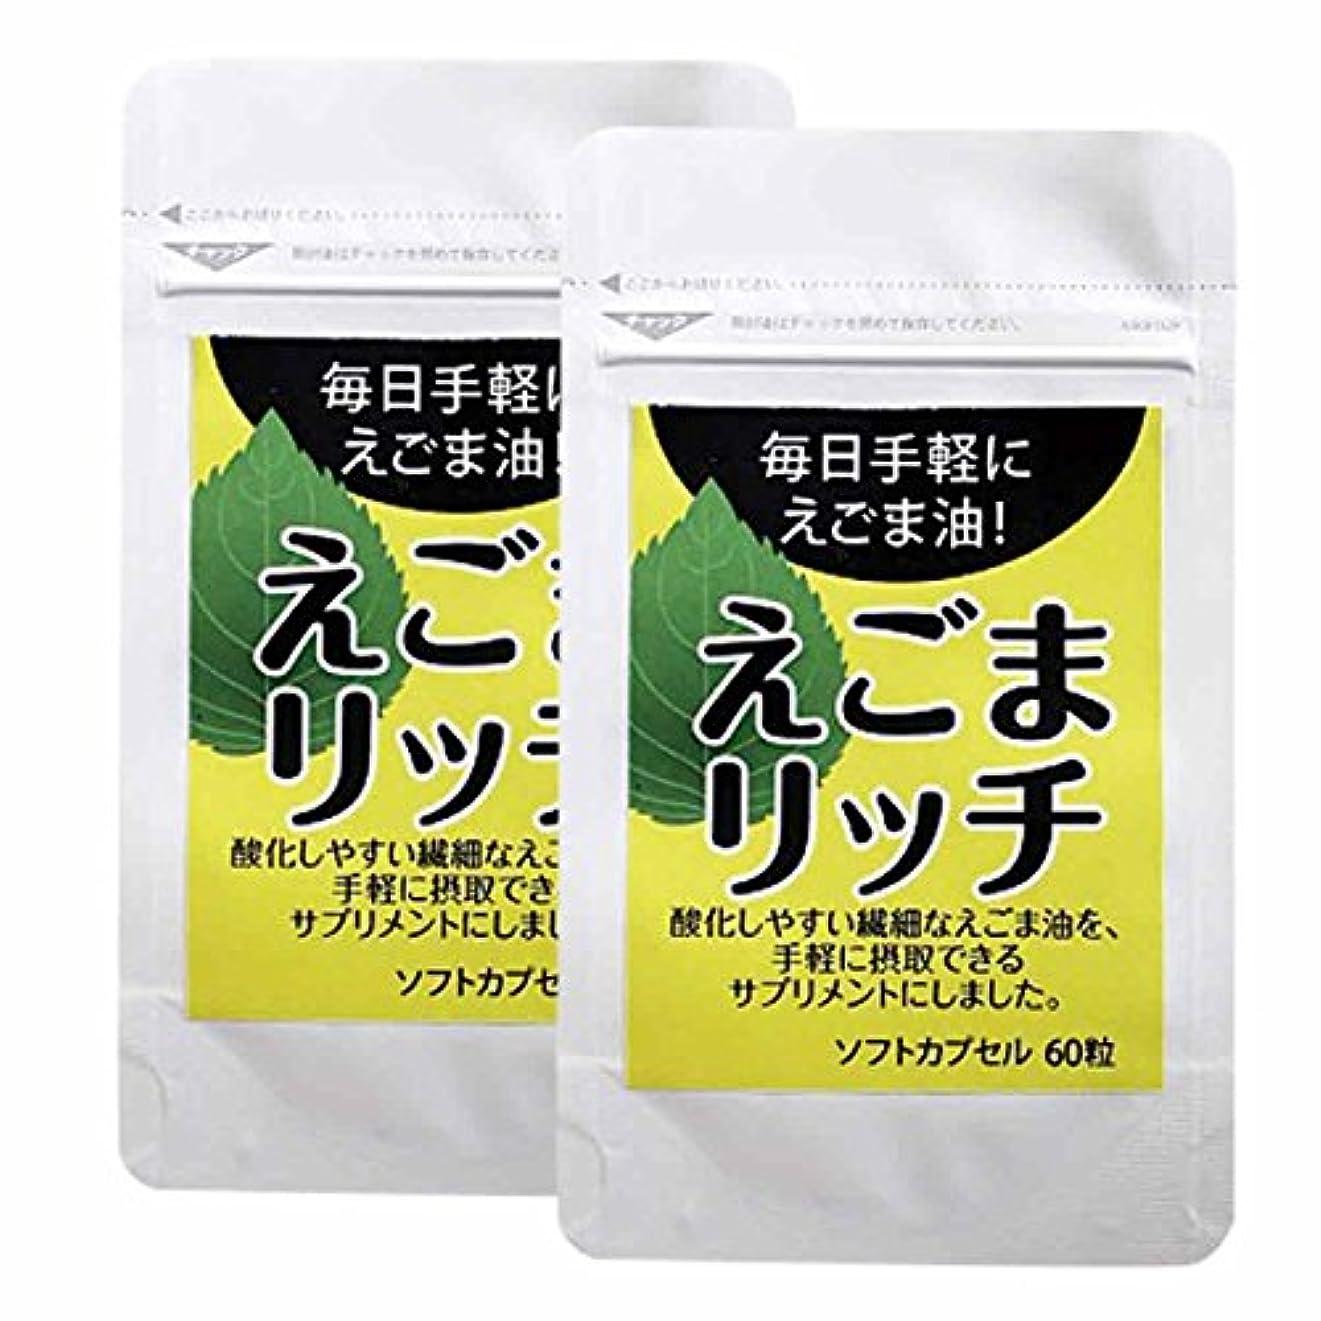 葡萄スラム街ジムえごまリッチ 60粒【2袋セット】